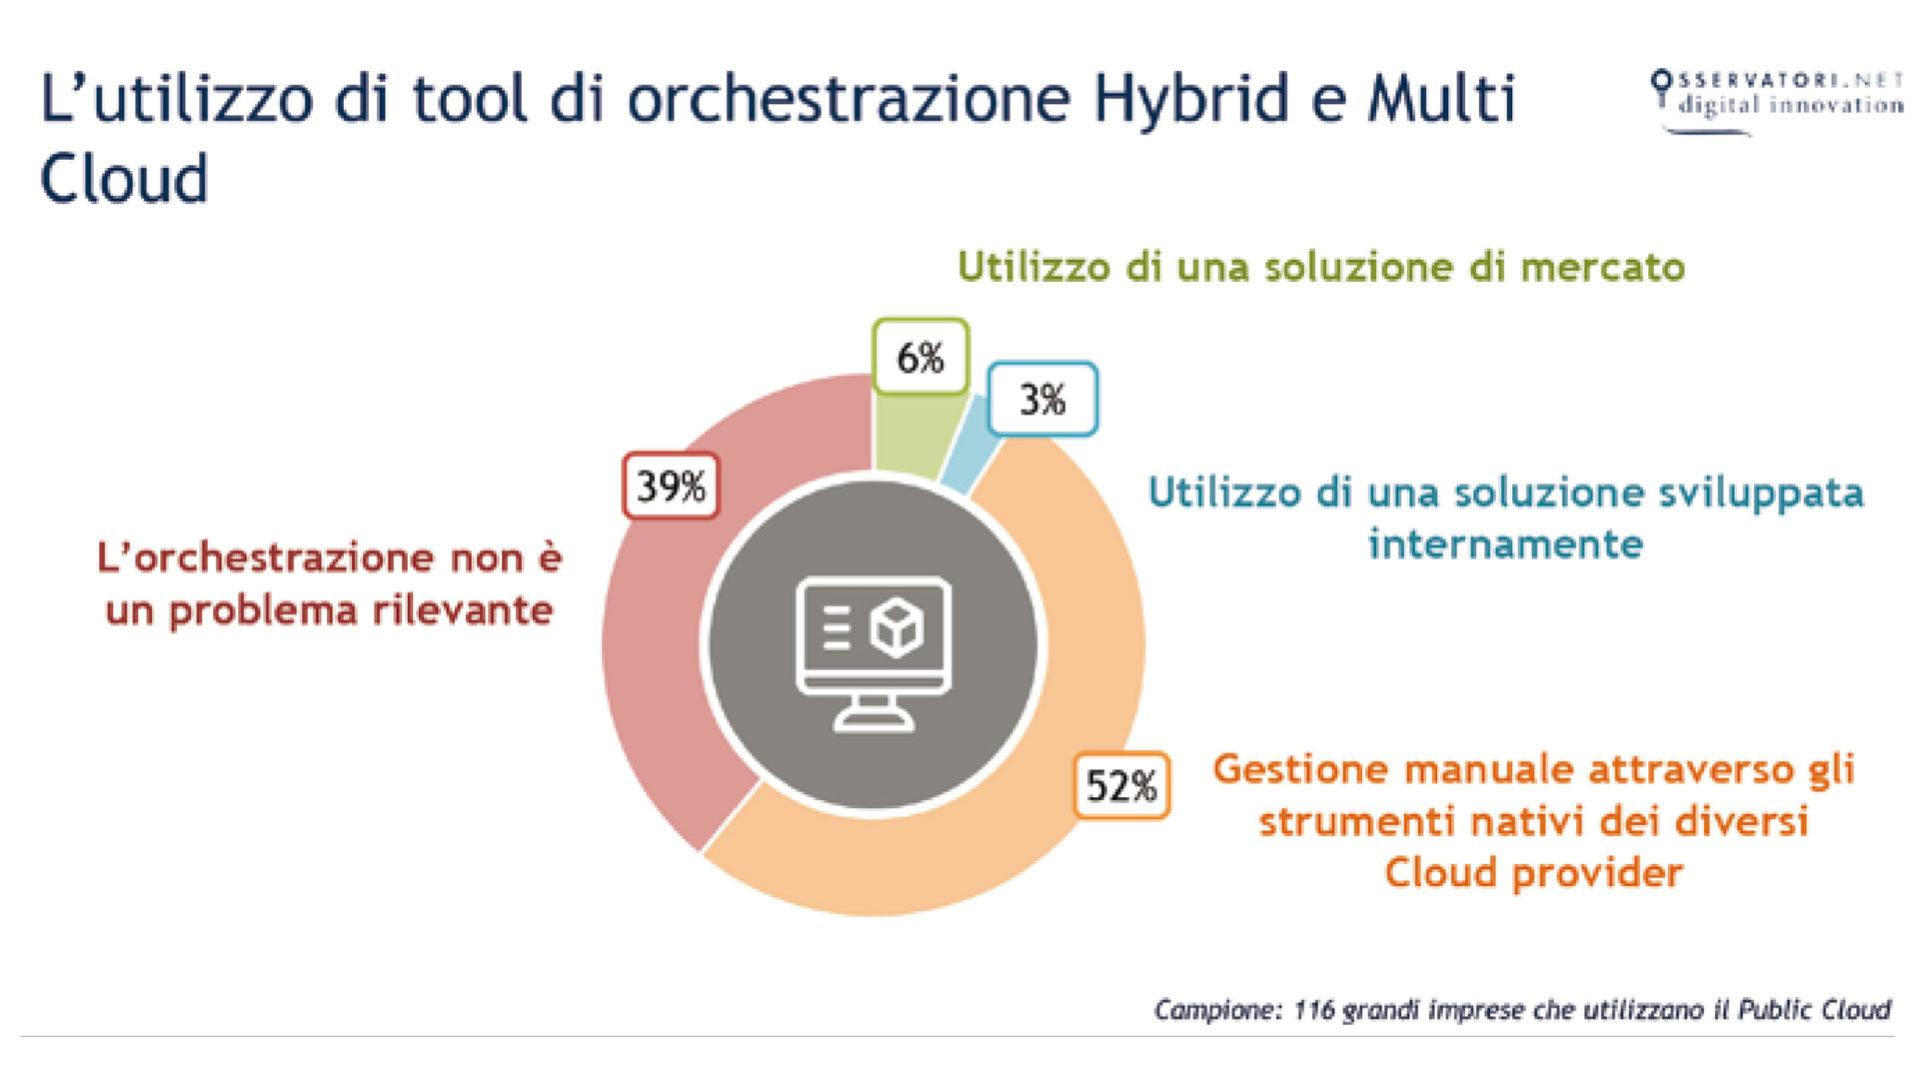 Grafico sull'utilizzo di tool di orchestrazione hybrid e multicloud